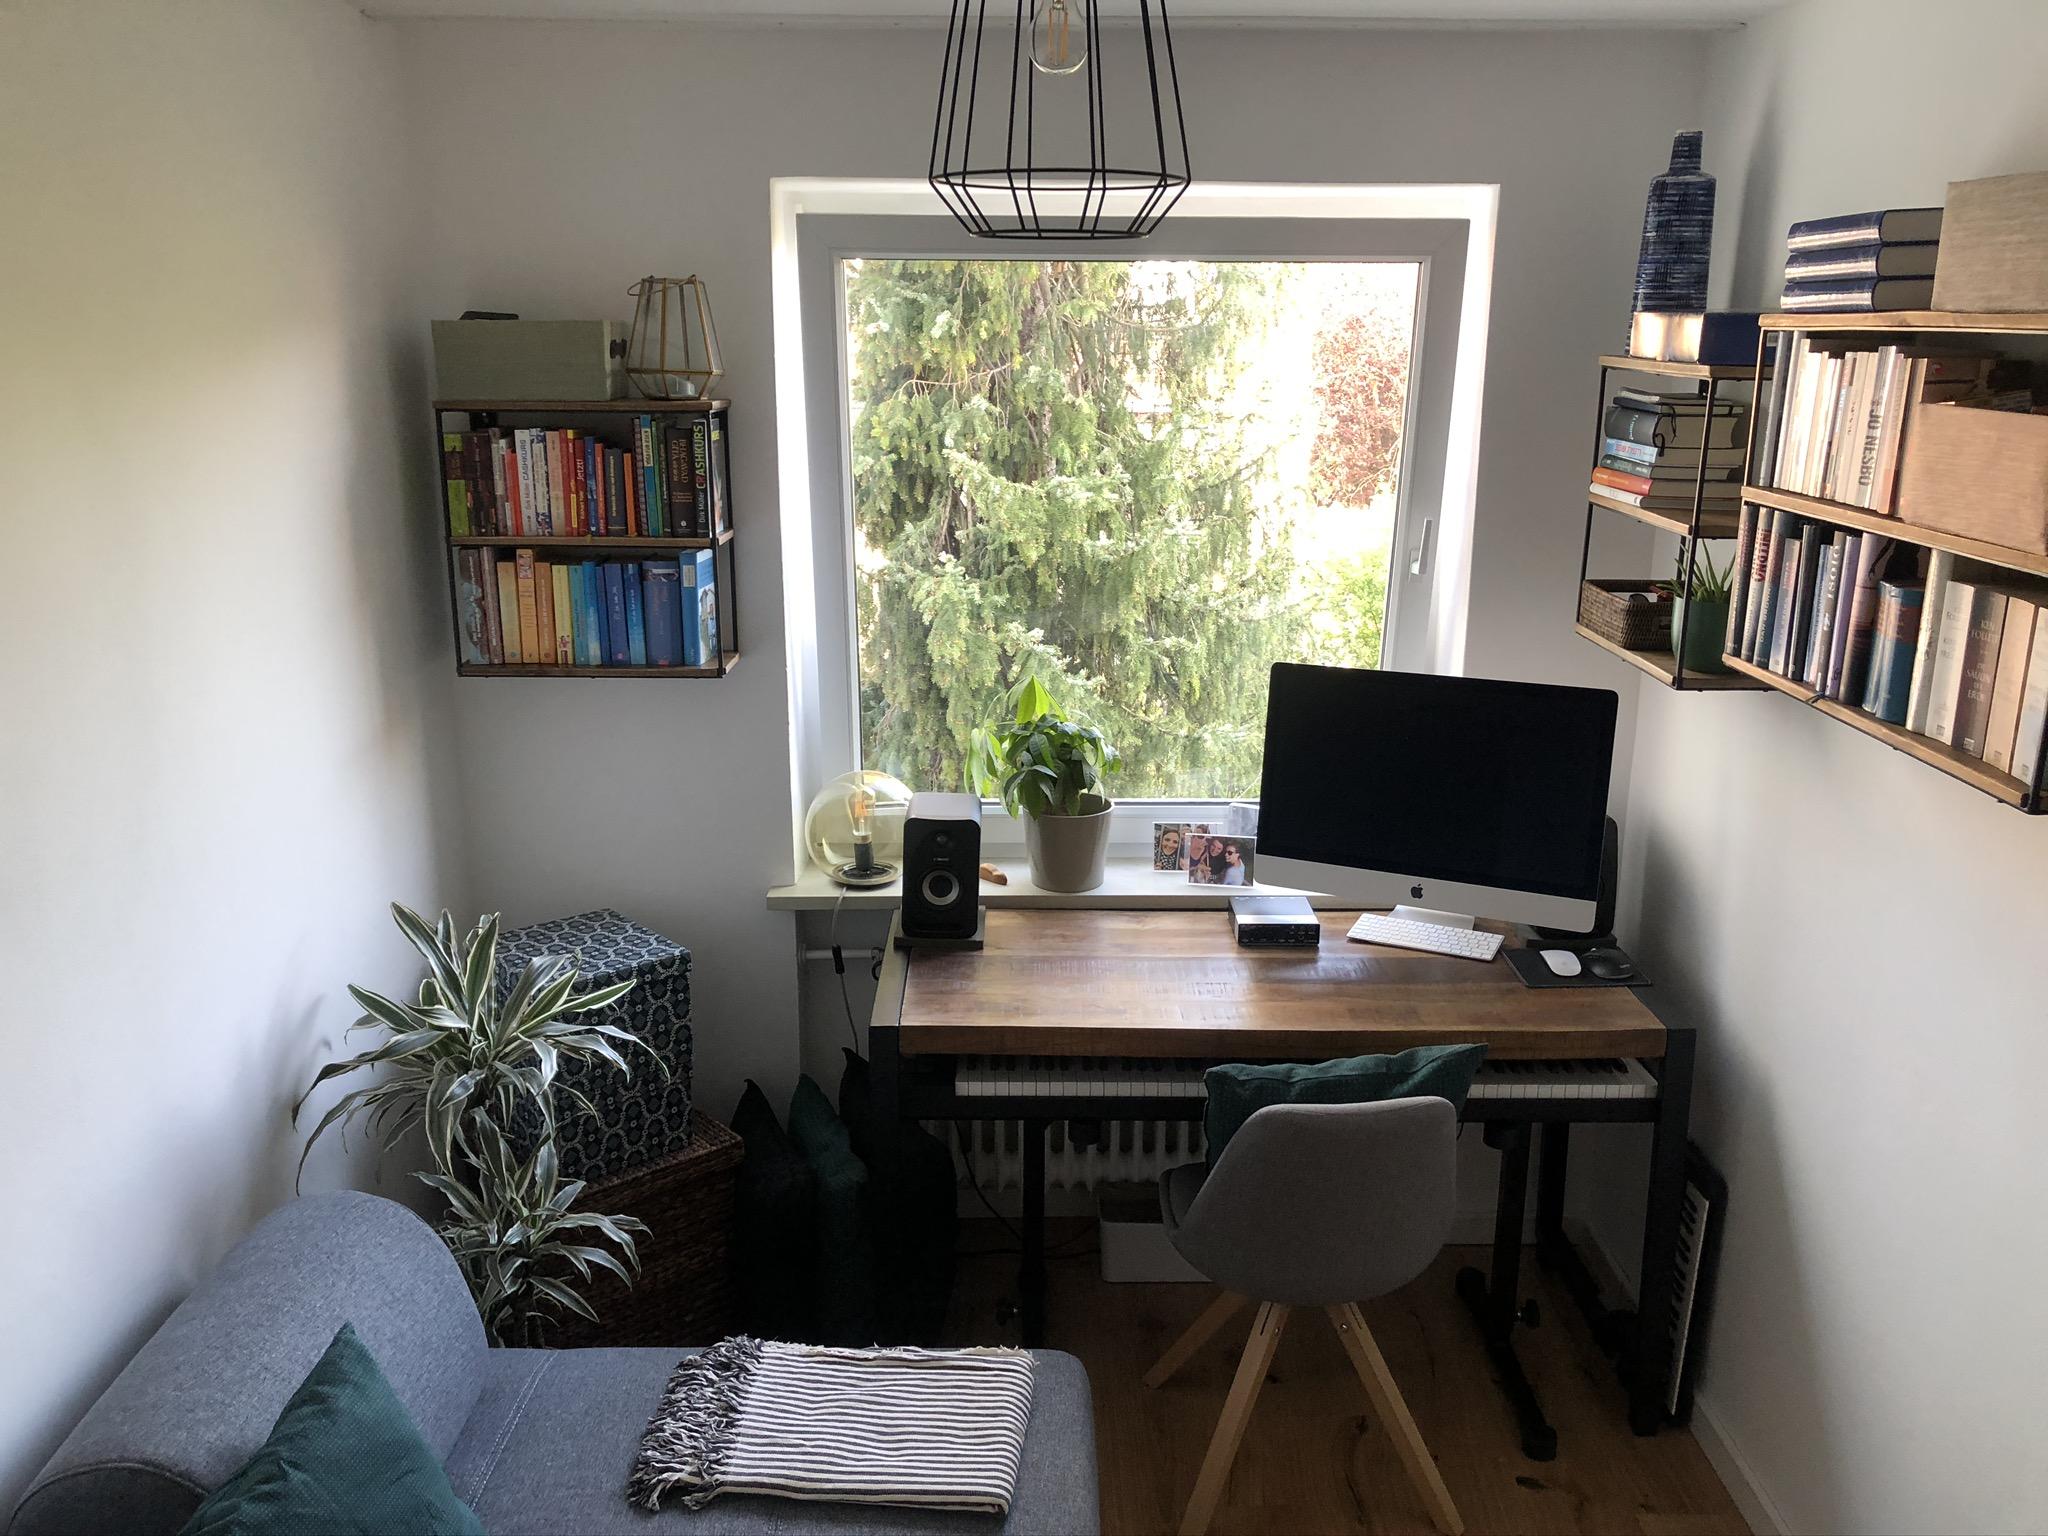 Arbeits-/Gästezimmer nachher